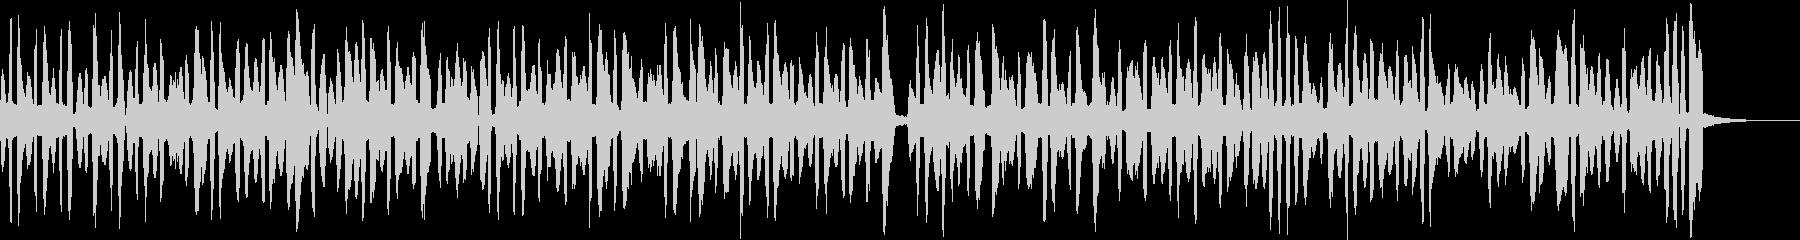 紙芝居の伴奏-3拍子-の未再生の波形